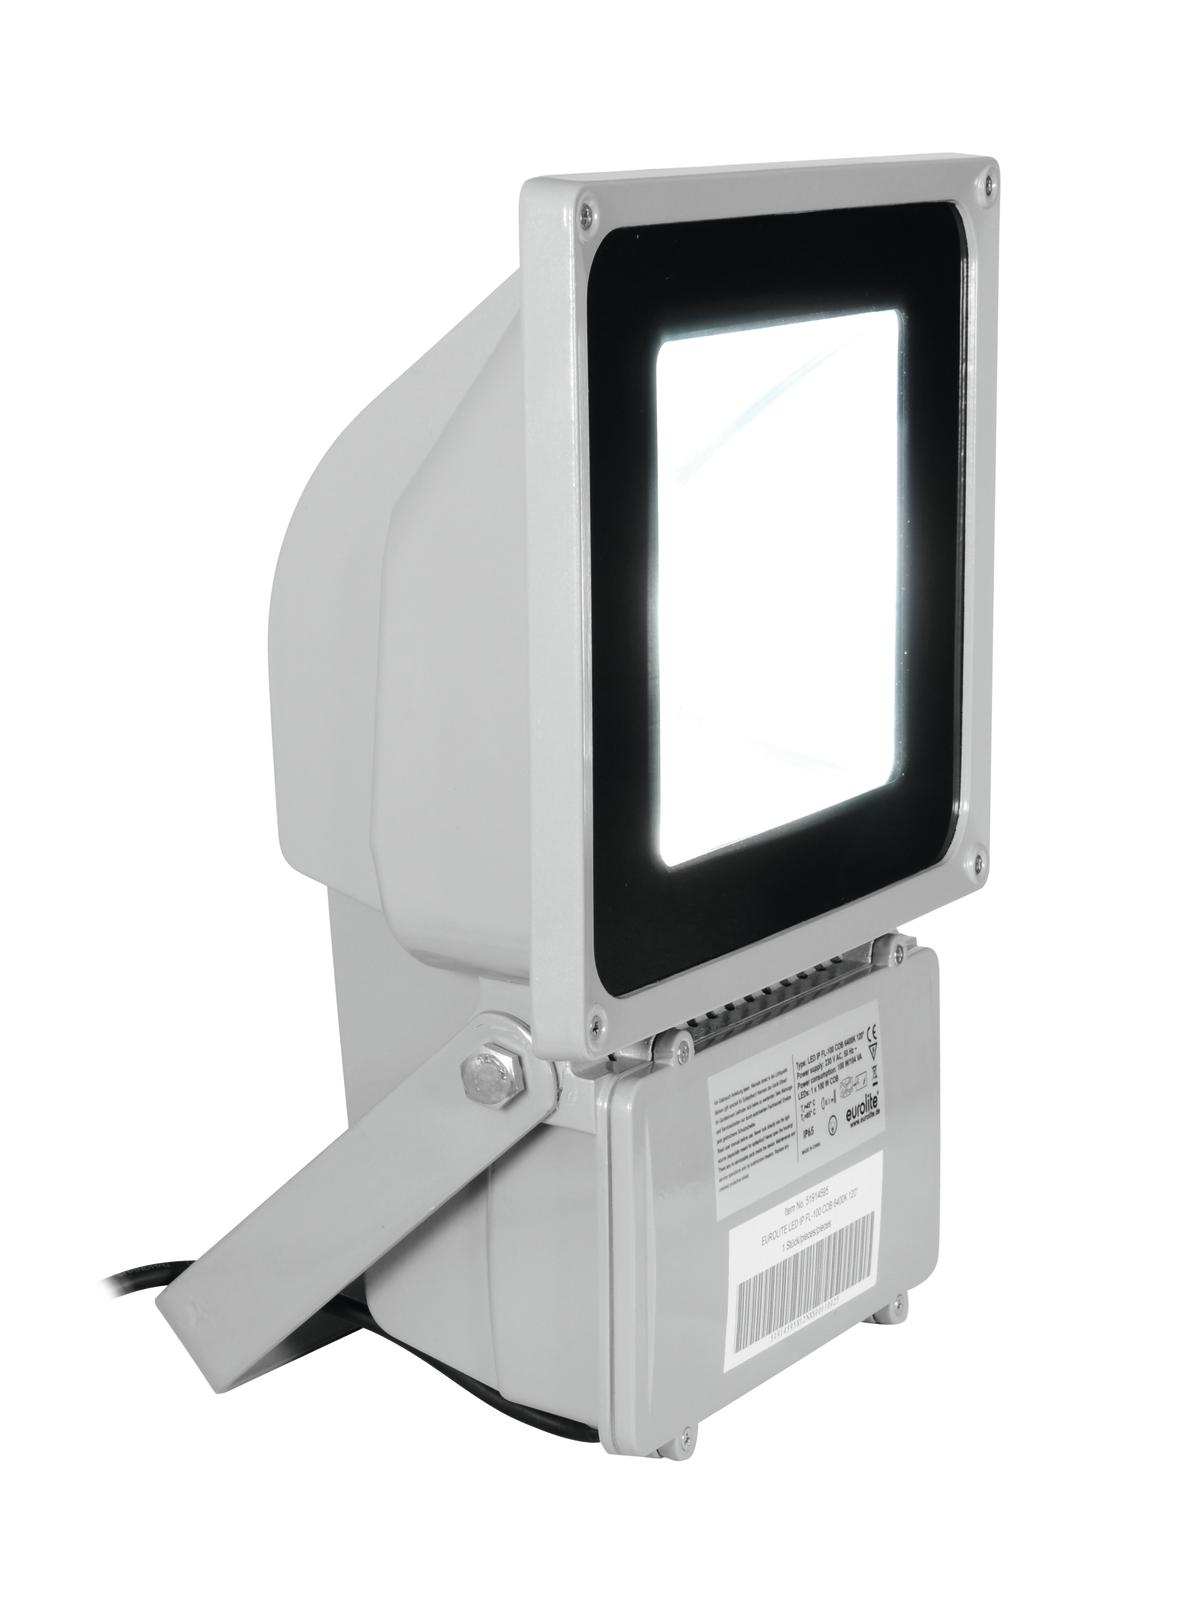 Eurolite LED reflektor IP FL-100, 1x 100W COB, 3000K, 120°, IP65